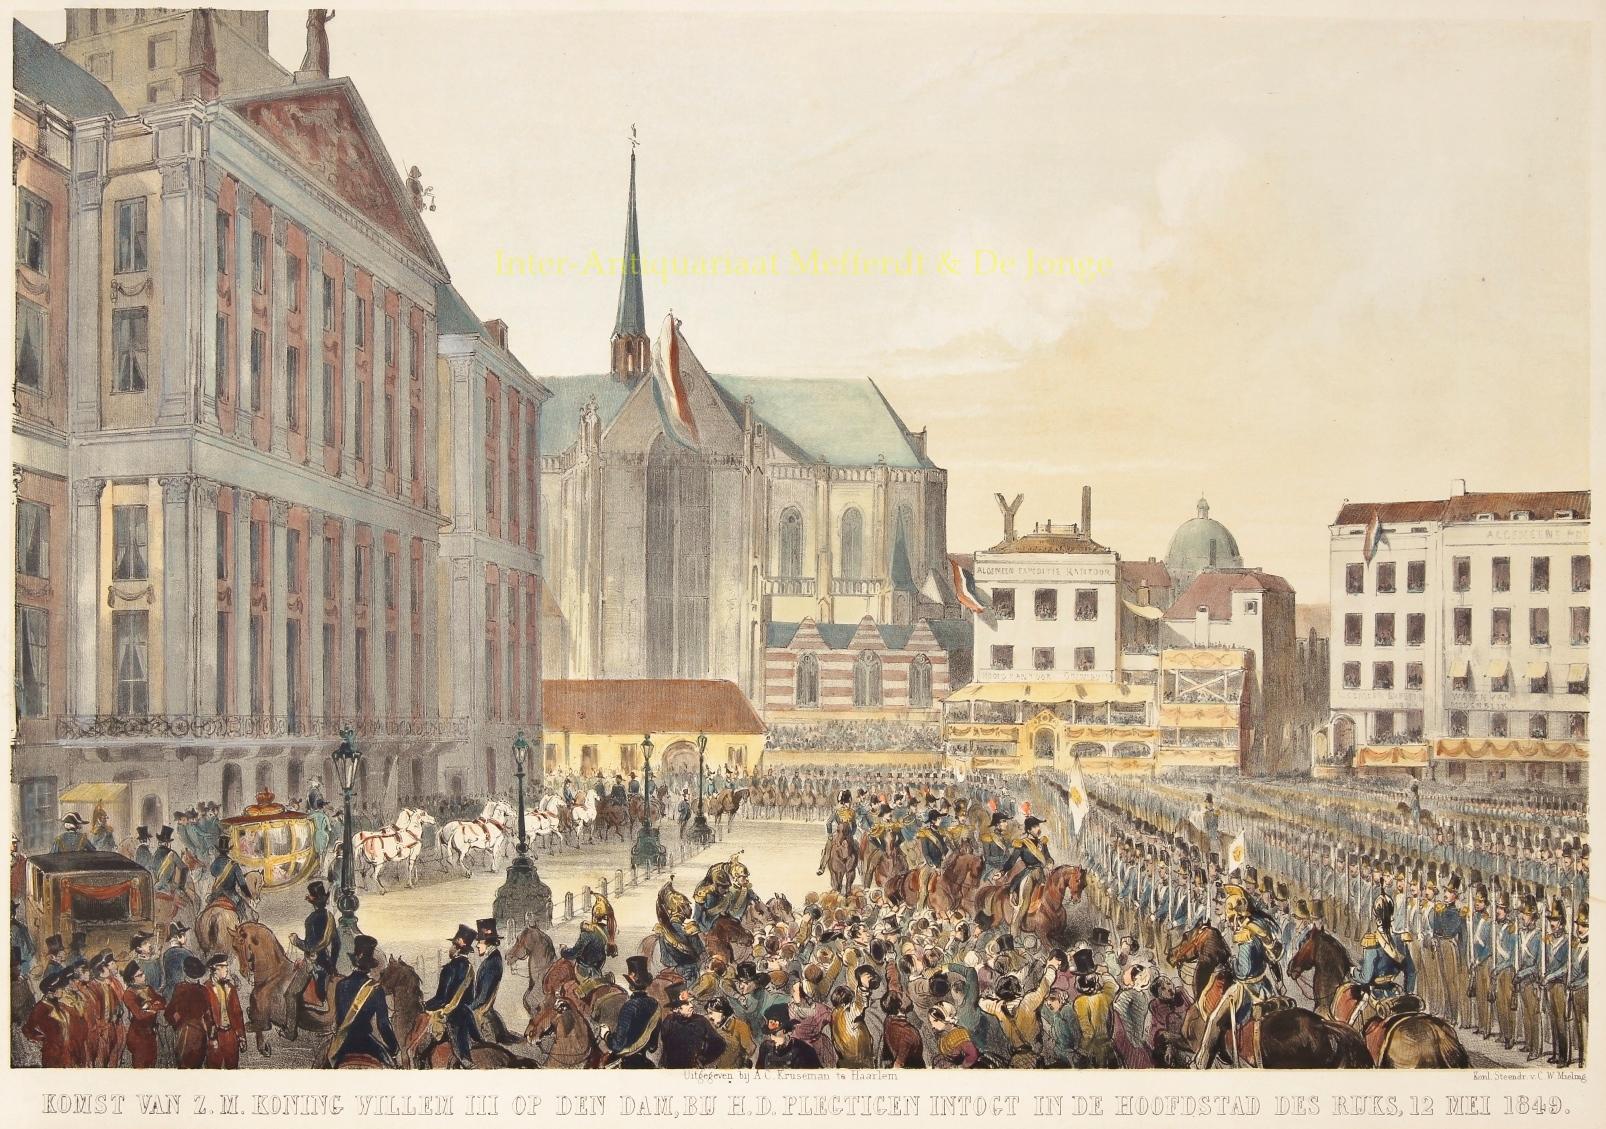 - Amsterdam, intocht Willem III - Charles Rochussen, 1849